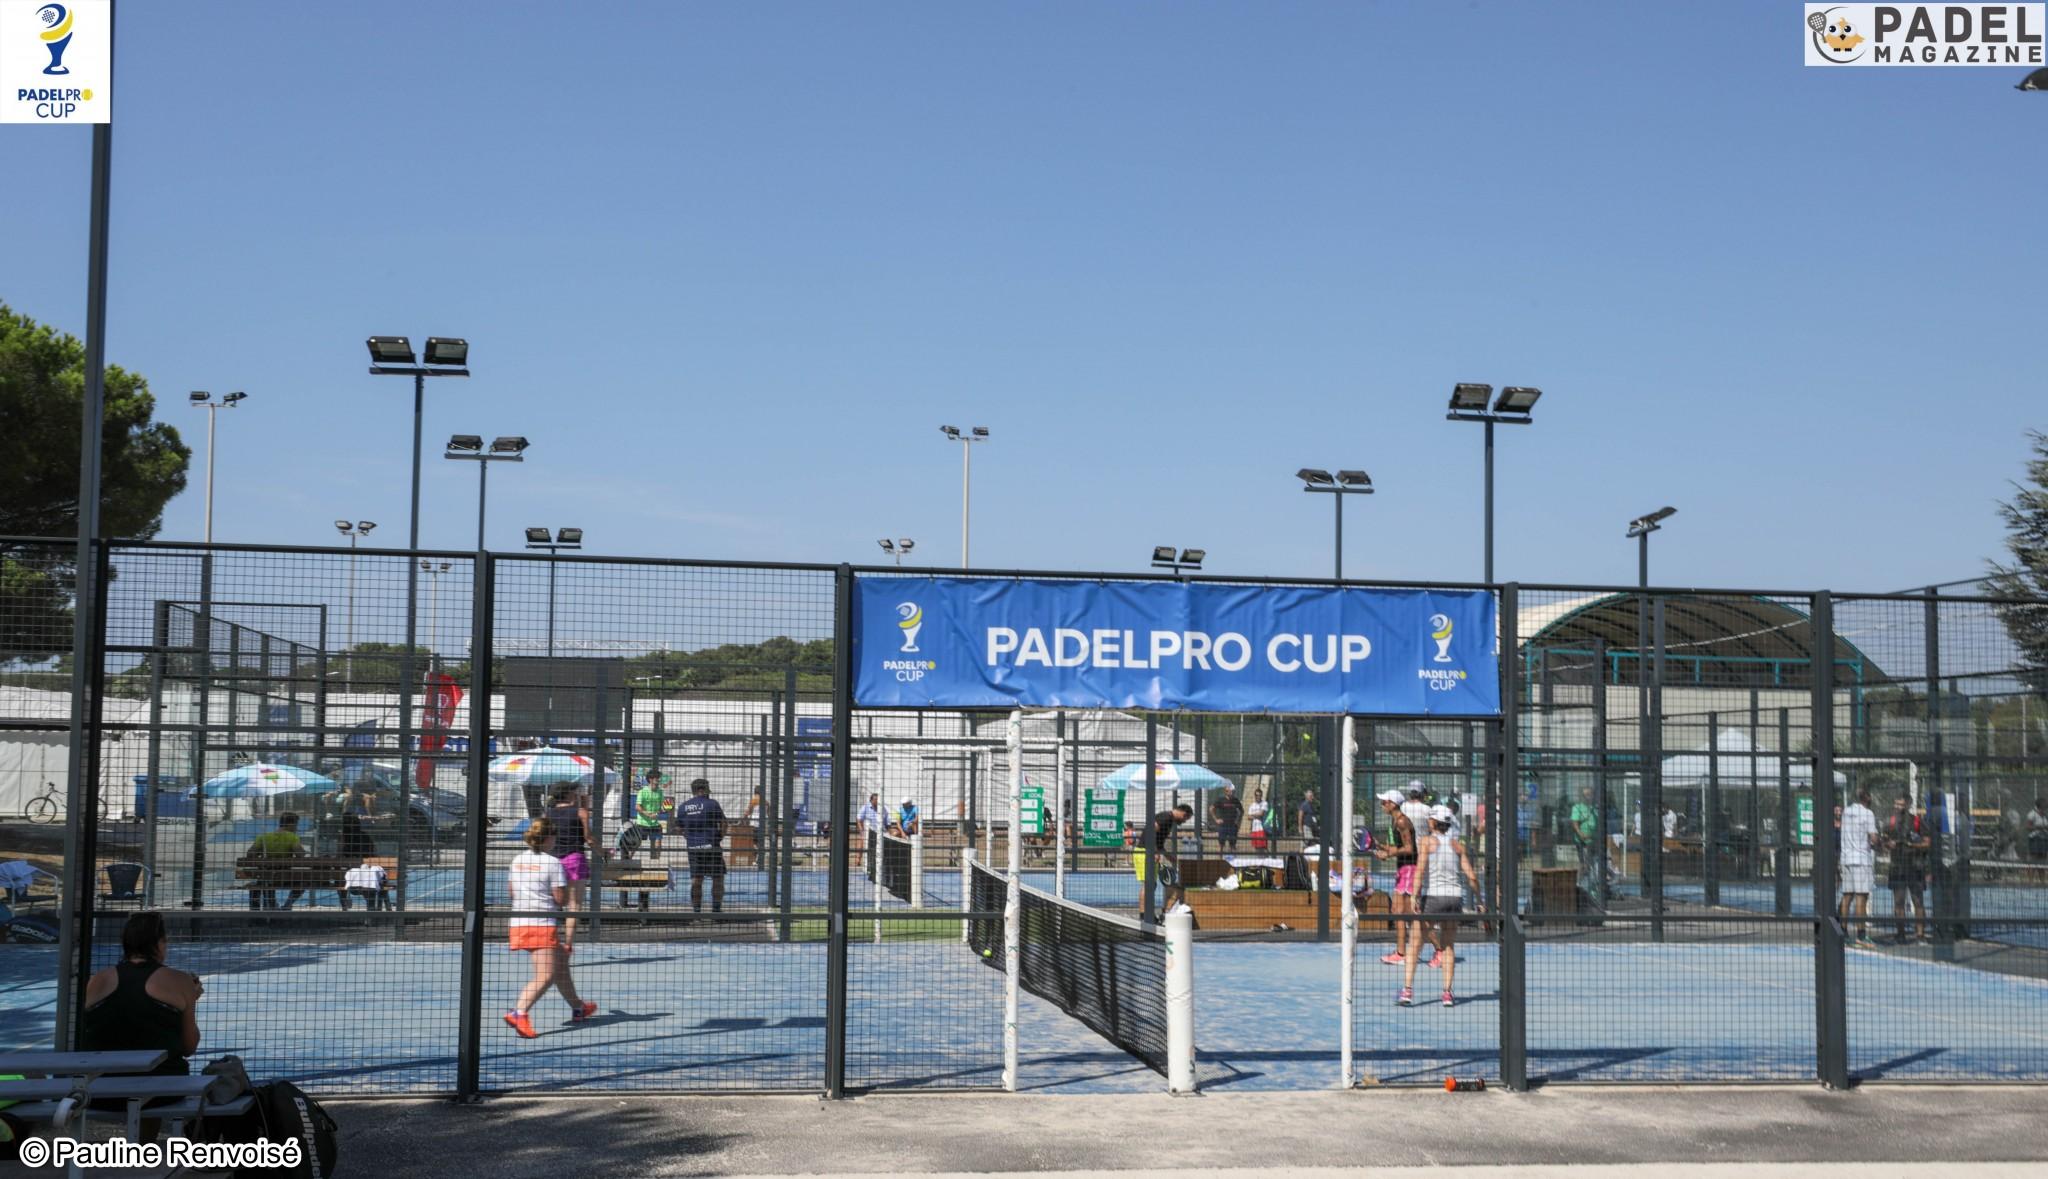 Padelpro Cup – Tableau et horaires P250